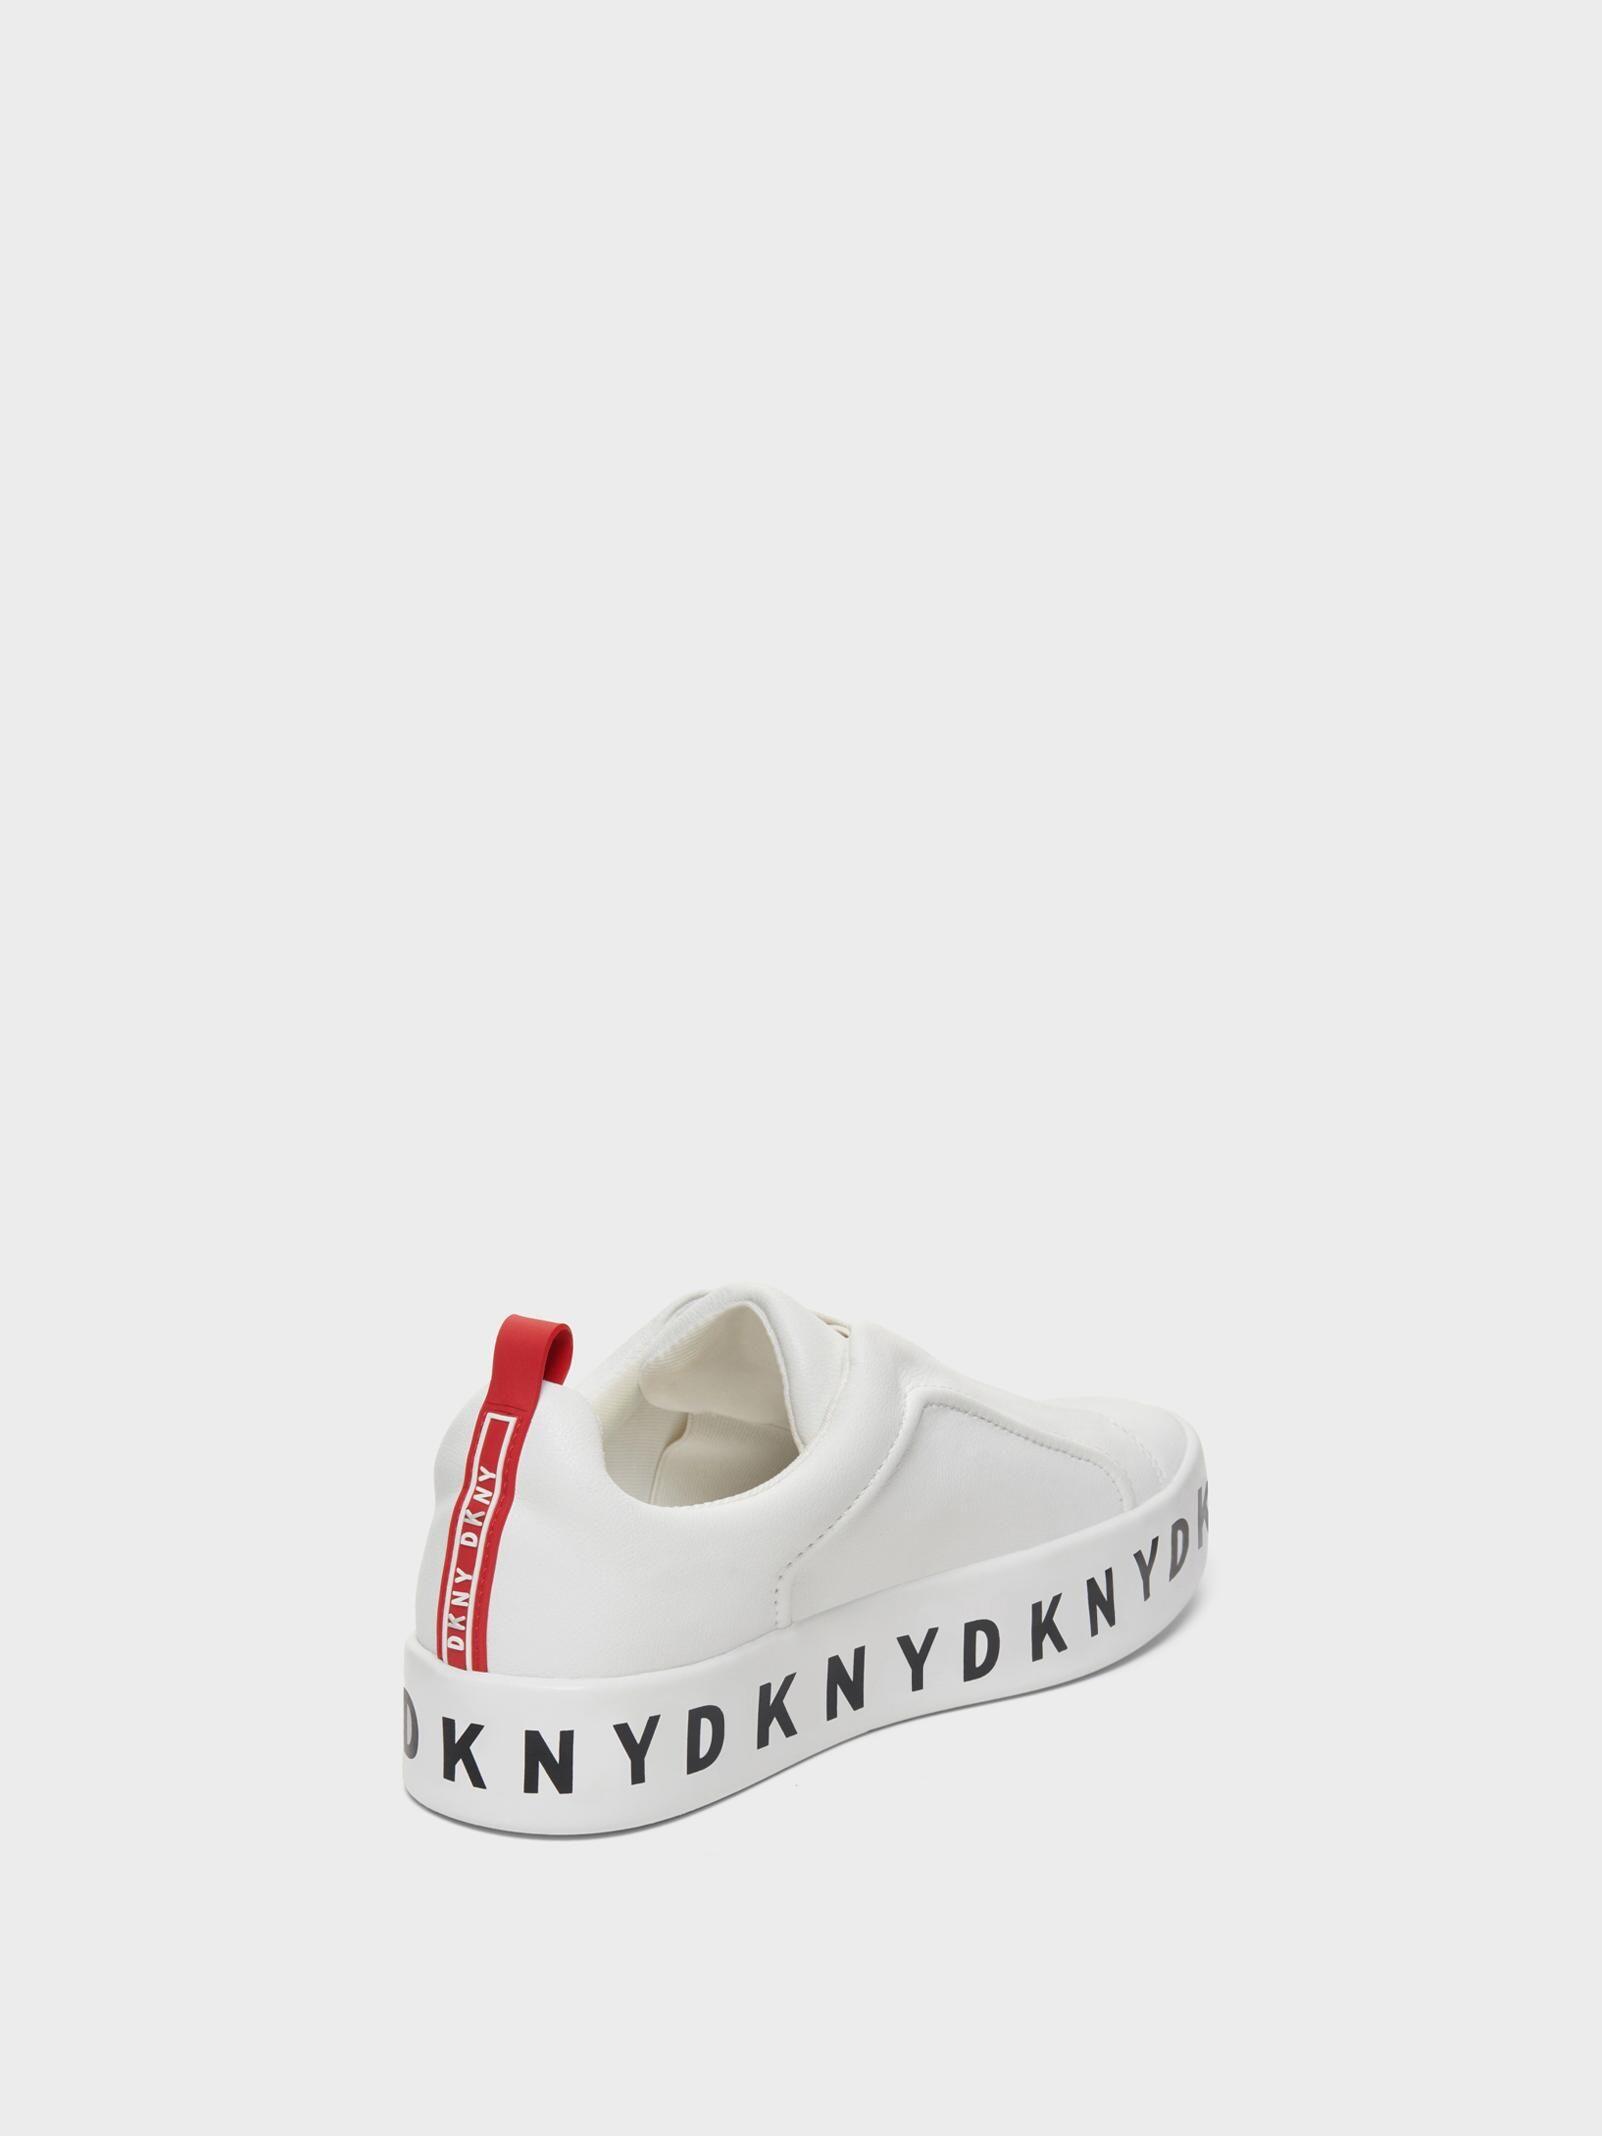 Pin on DKNY